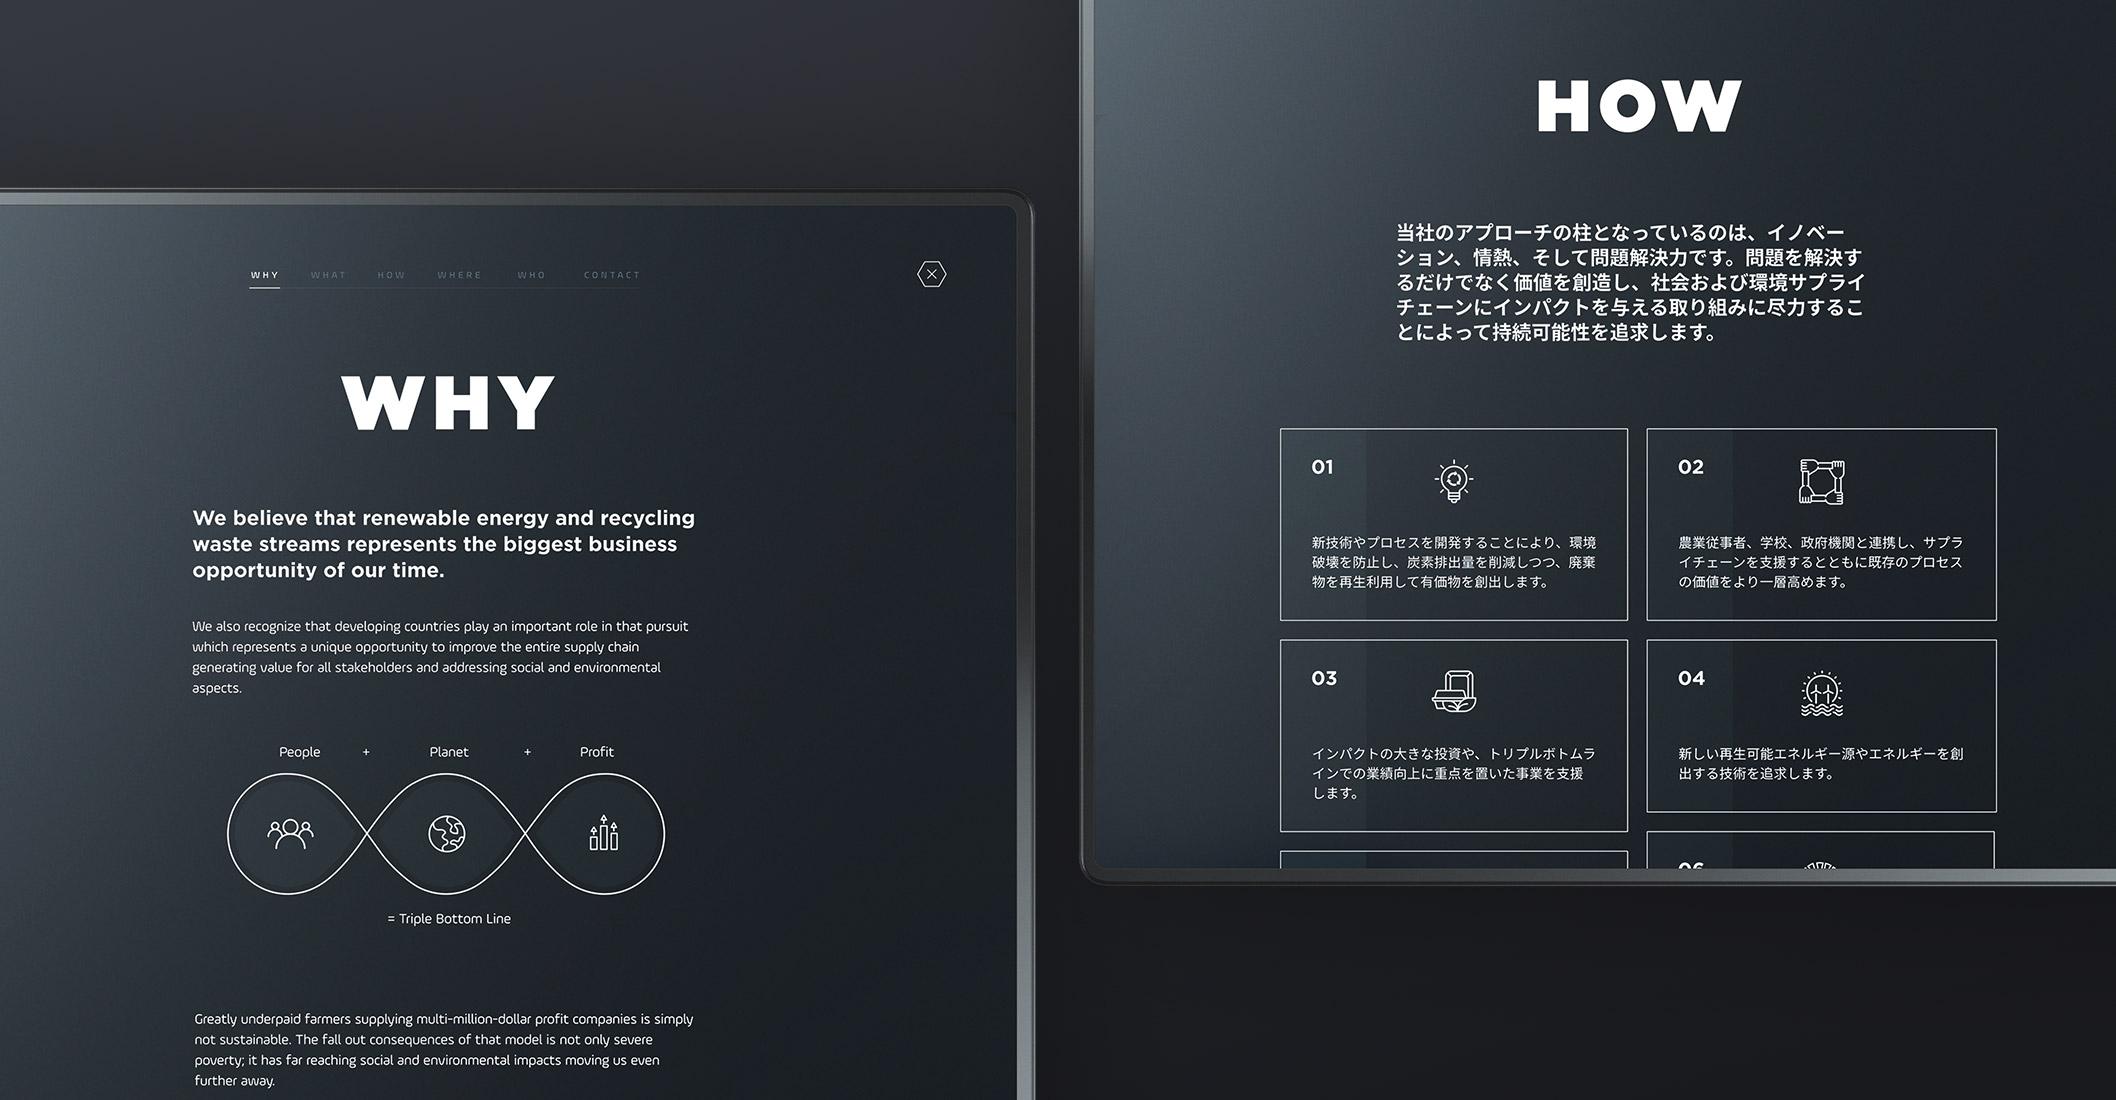 MacBook showing the website